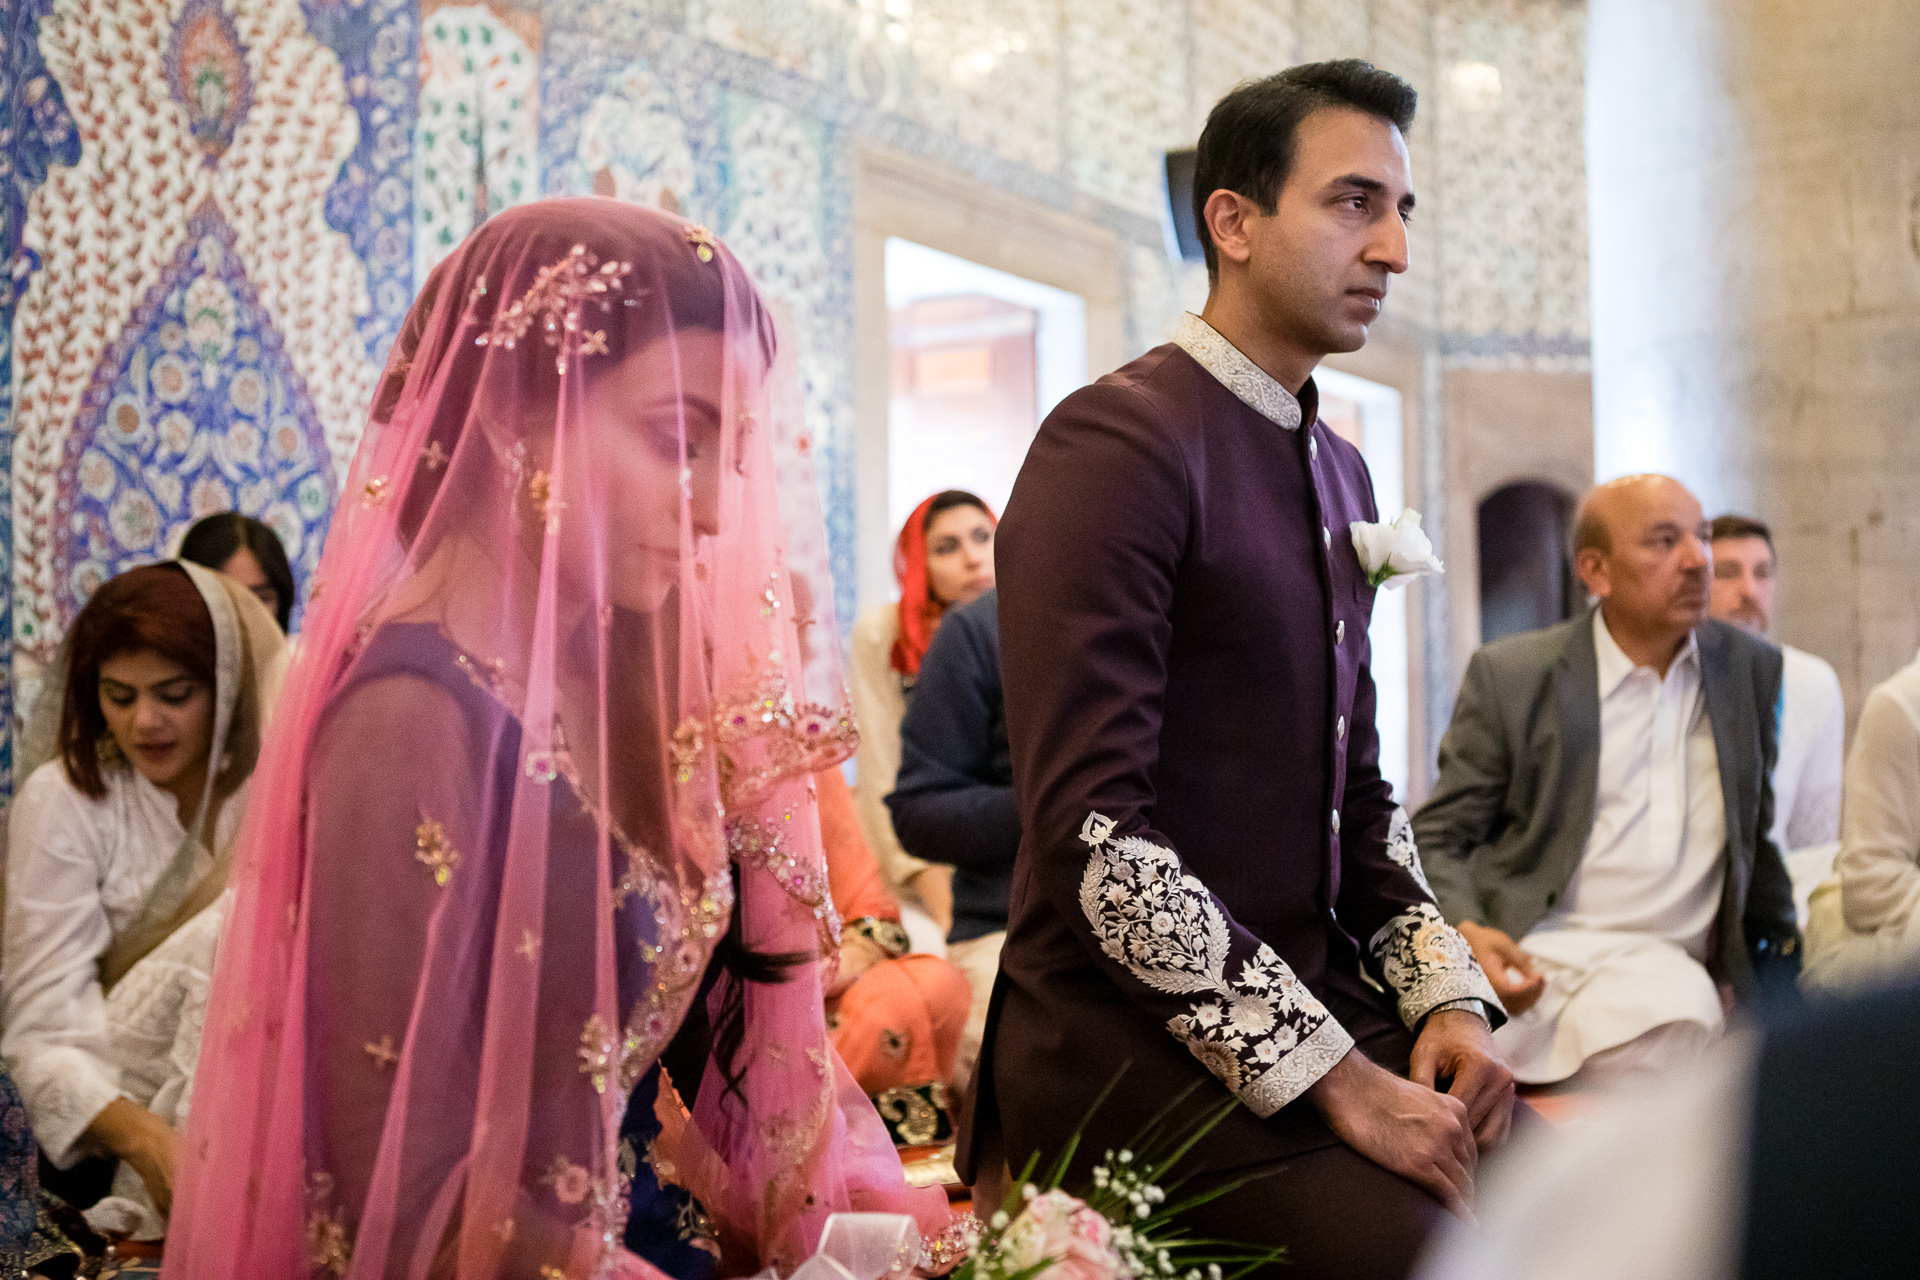 Zeremonie Foto von einer blauen Moschee, Istanbul Elopement | Das Brautpaar während der muslimischen Hochzeitszeremonie